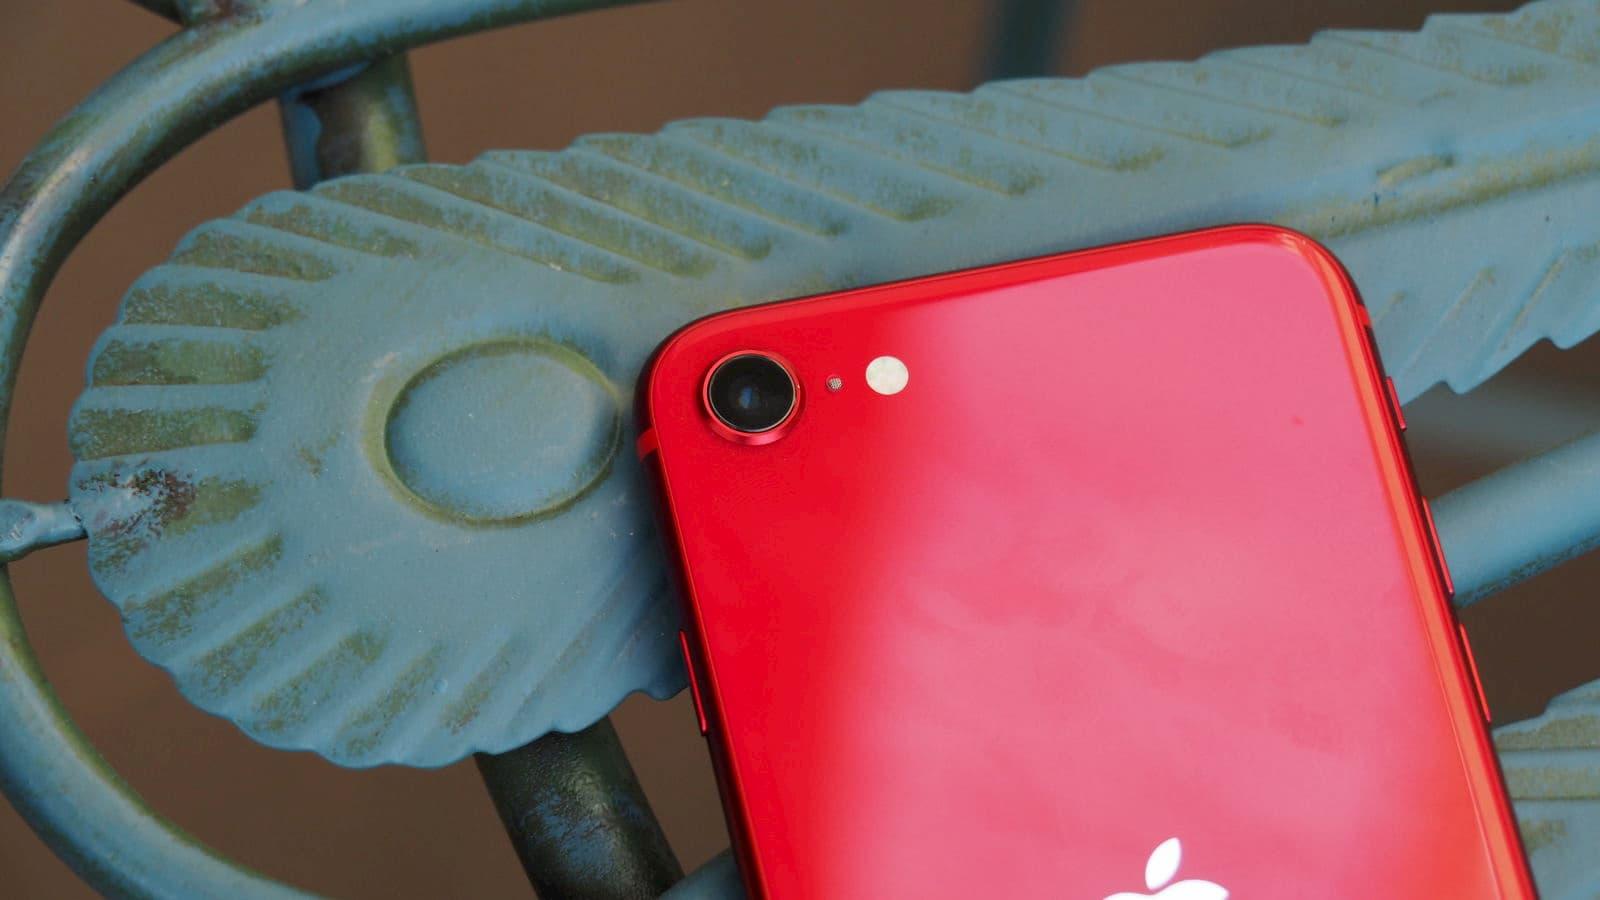 Lente da câmera traseira do iPhone SE 2020